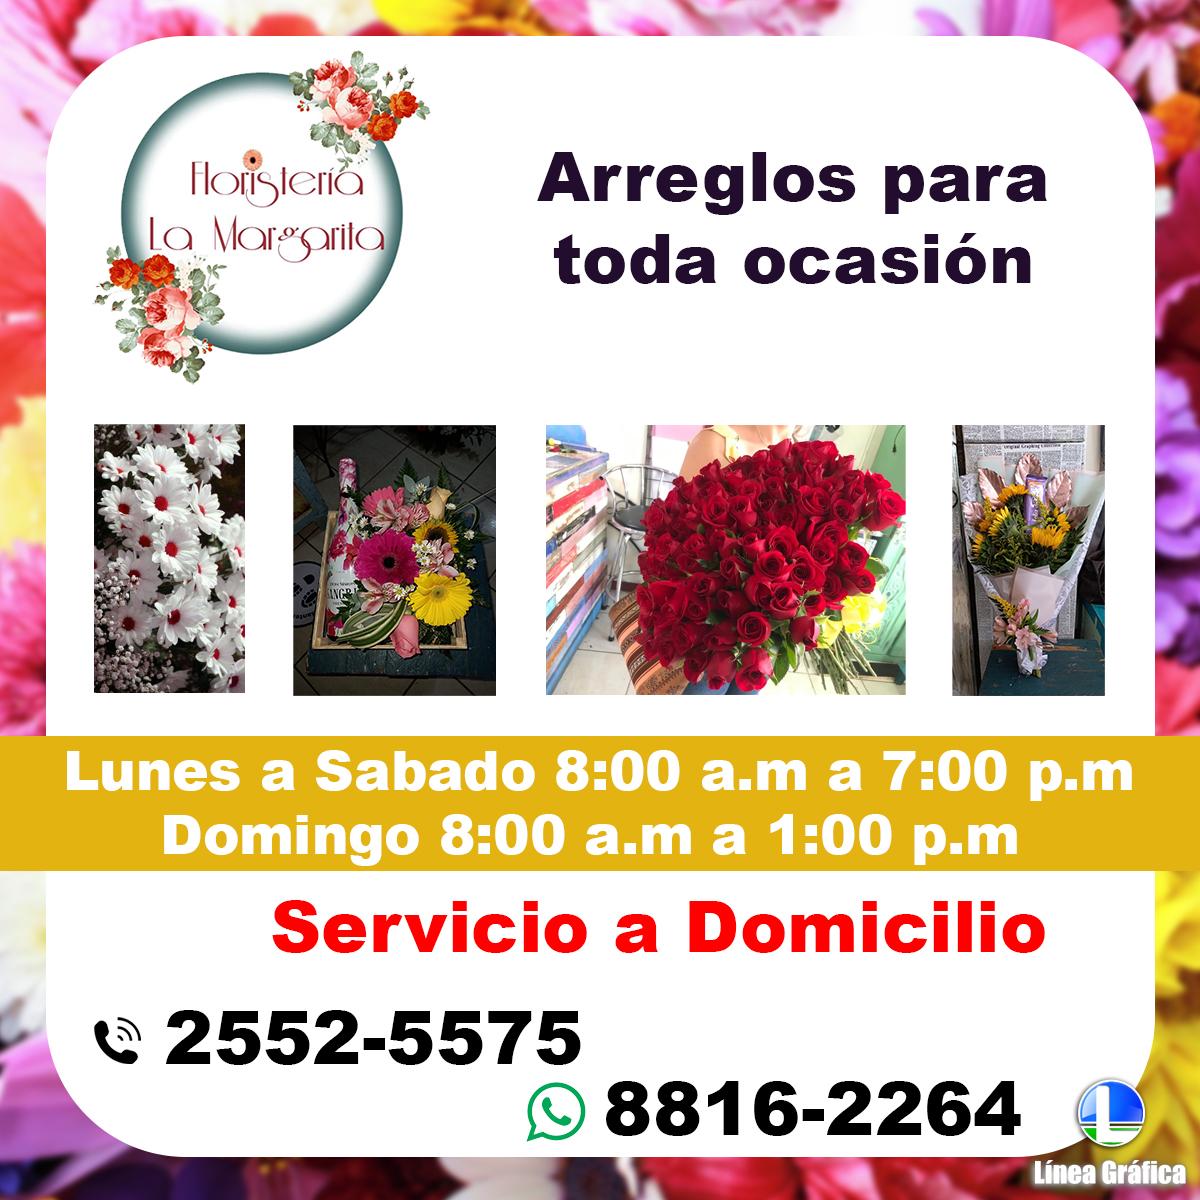 Floristería La Margarita 2552-5575